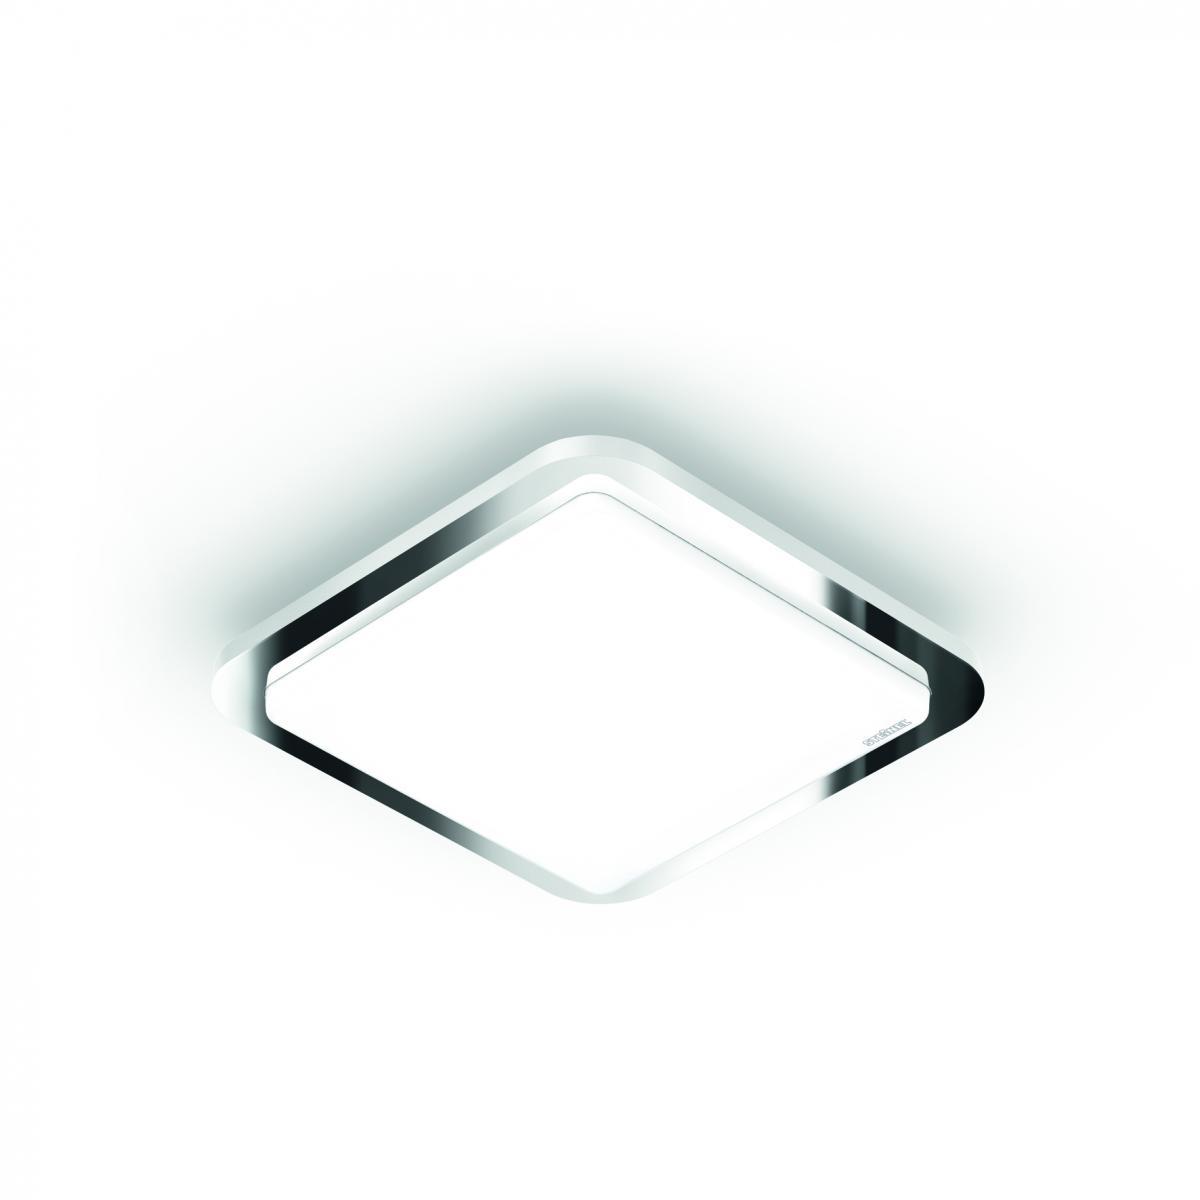 Oprawa Steinel LED D1 o nowoczesnym kwadratowym kształcie z funkcją światła półpośredniego ze srebrnym pierścieniem